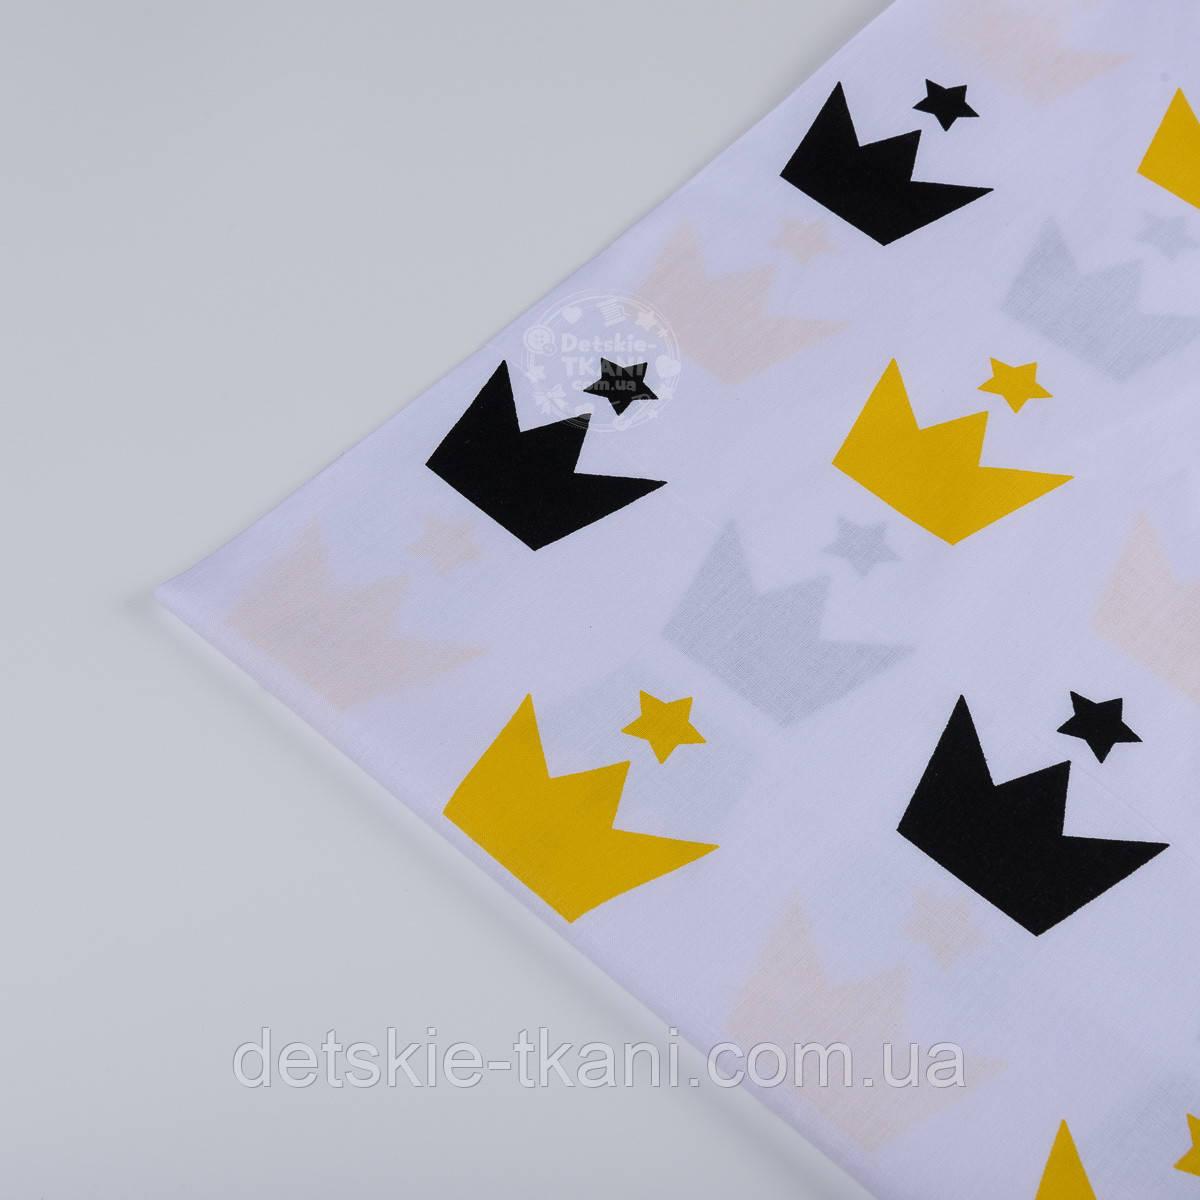 Отрез ткани №811а  с черными и желтыми коронами на белом фоне 50*160